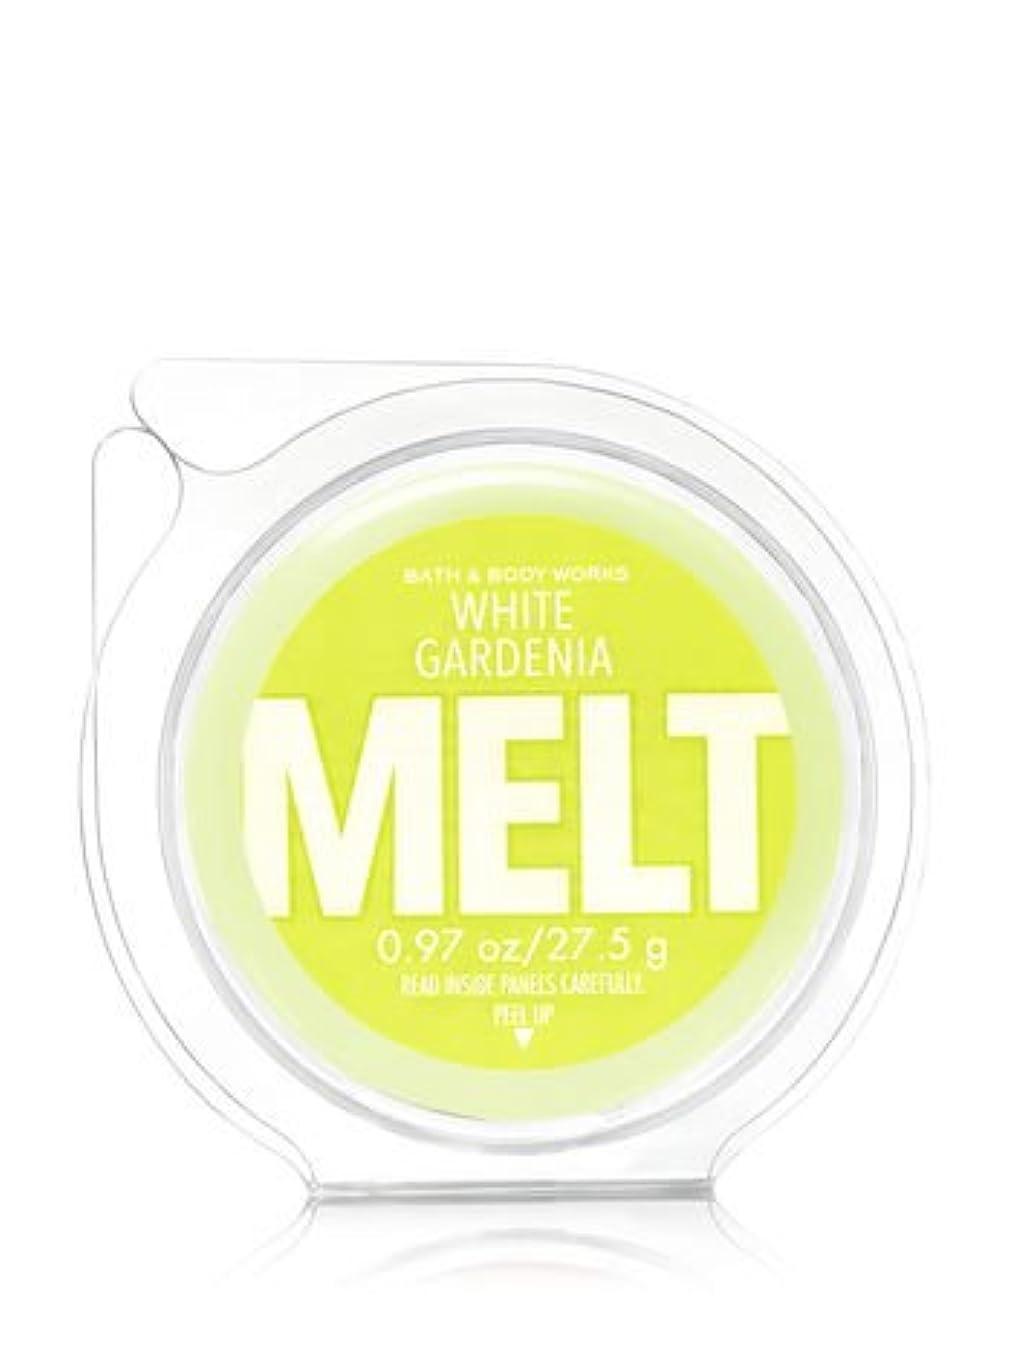 振るう肉の半導体【Bath&Body Works/バス&ボディワークス】 フレグランスメルト タルト ワックスポプリ ホワイトガーデニア Wax Fragrance Melt White Gardenia 0.97oz / 27.5g